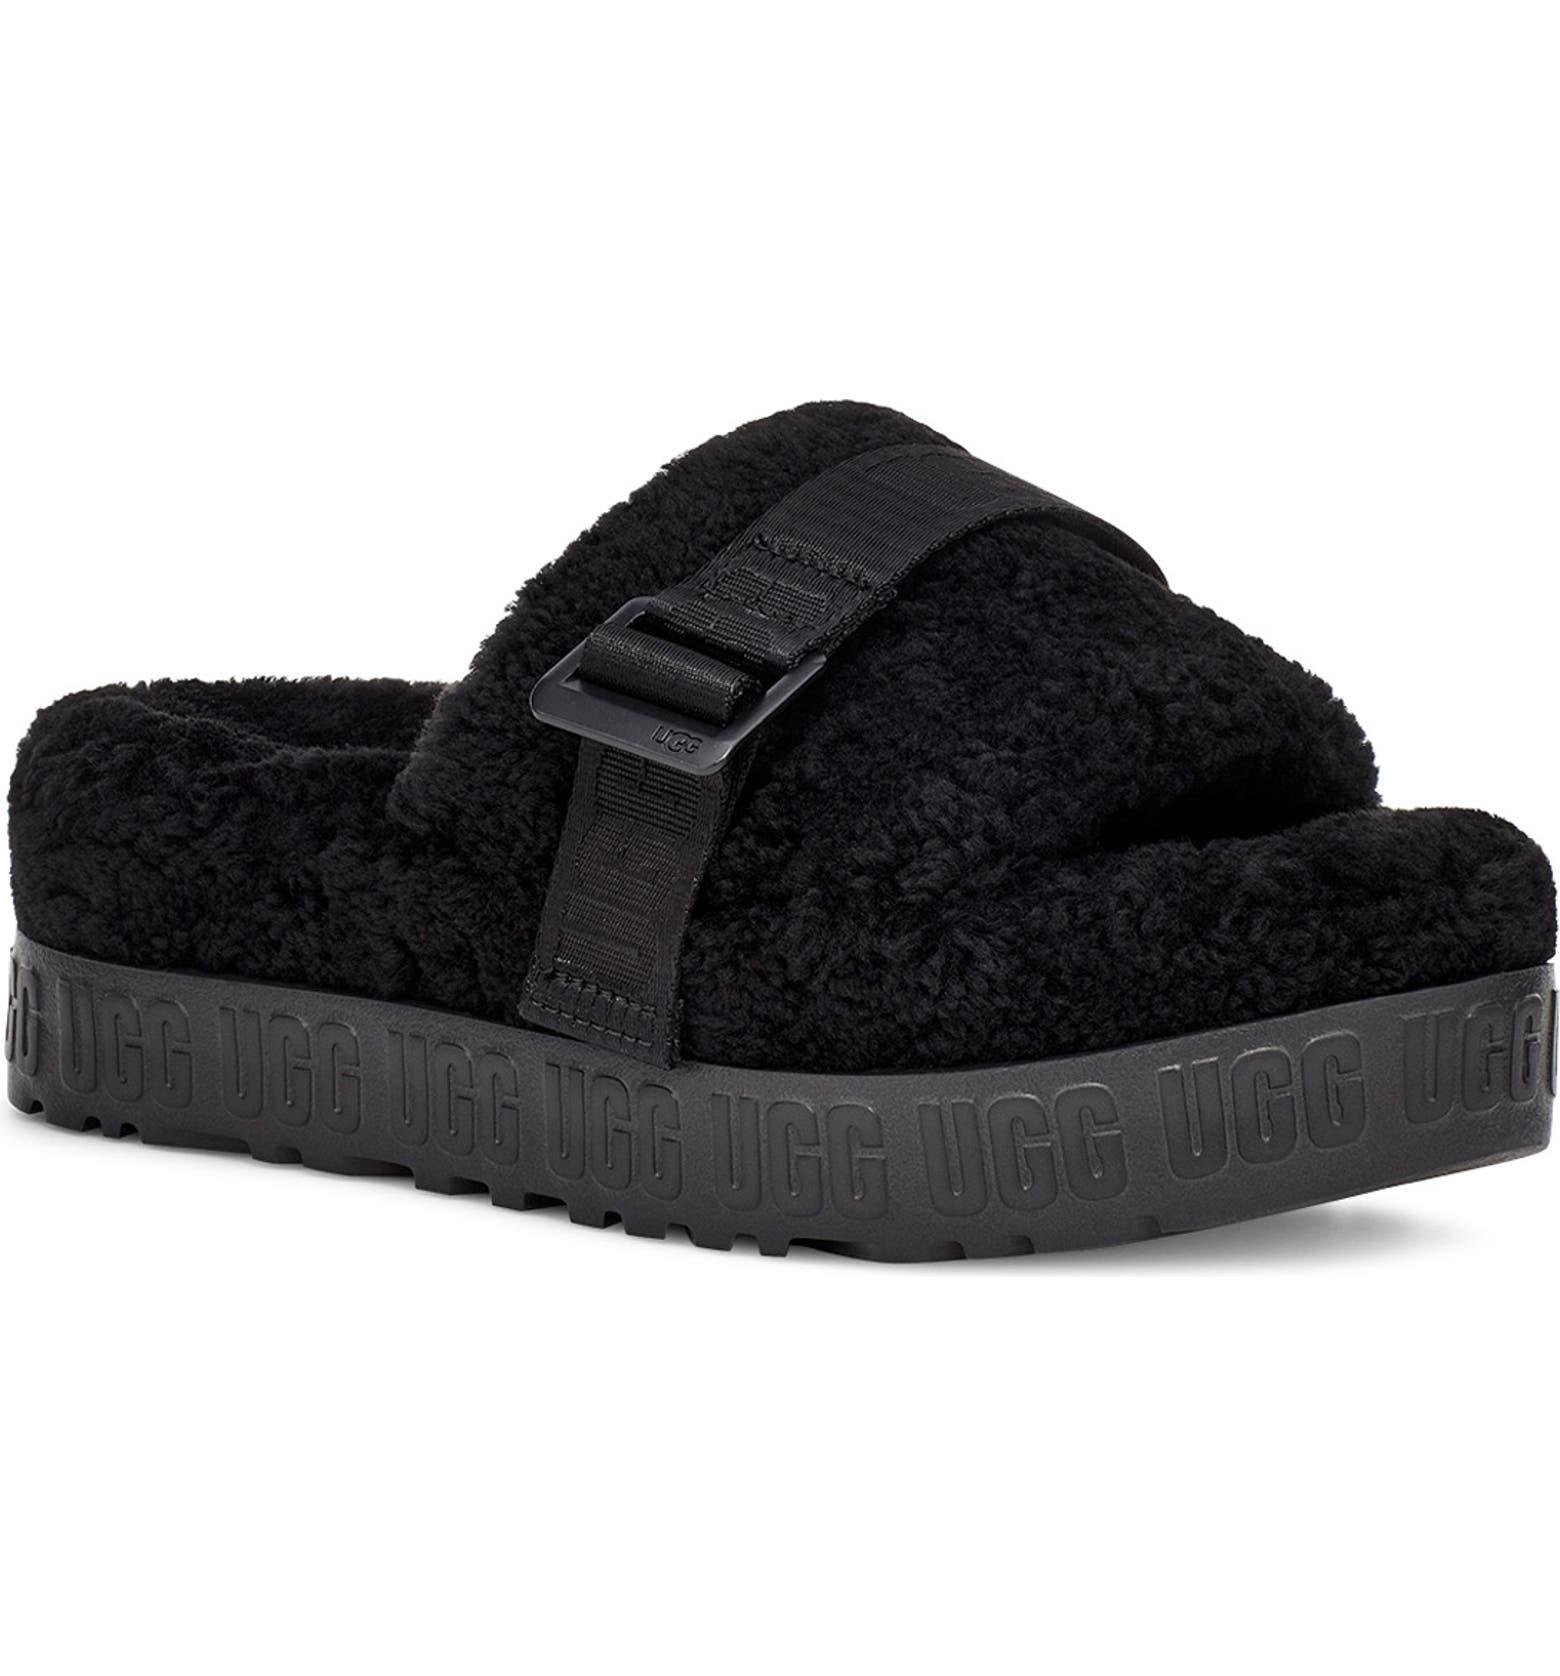 platform ugg slippers